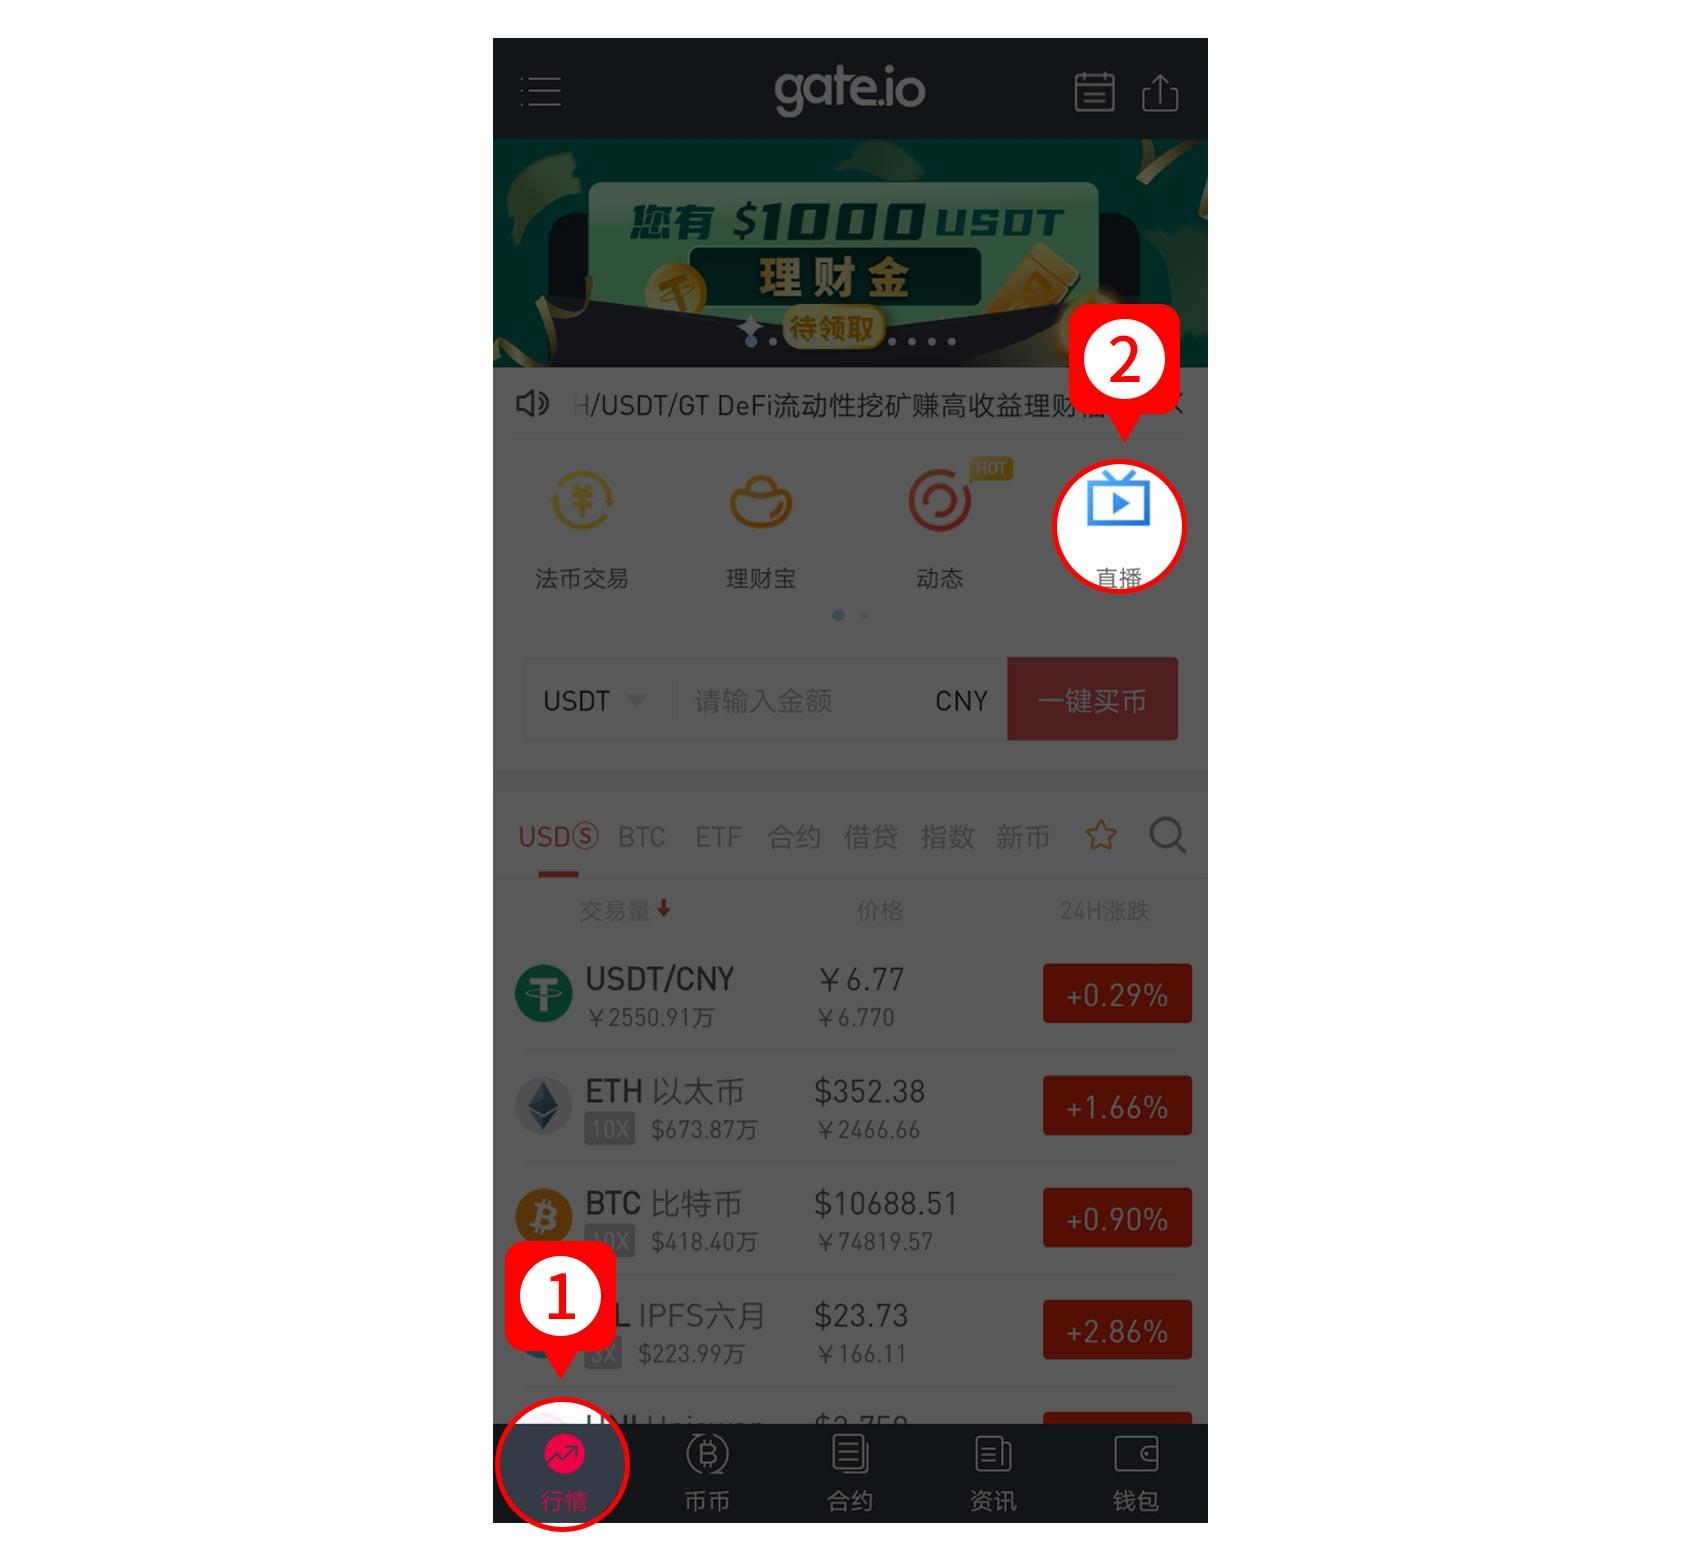 Gate.io比特儿交易所直播:匿名分析,趋势加操作等于盈利等节目即将开播插图